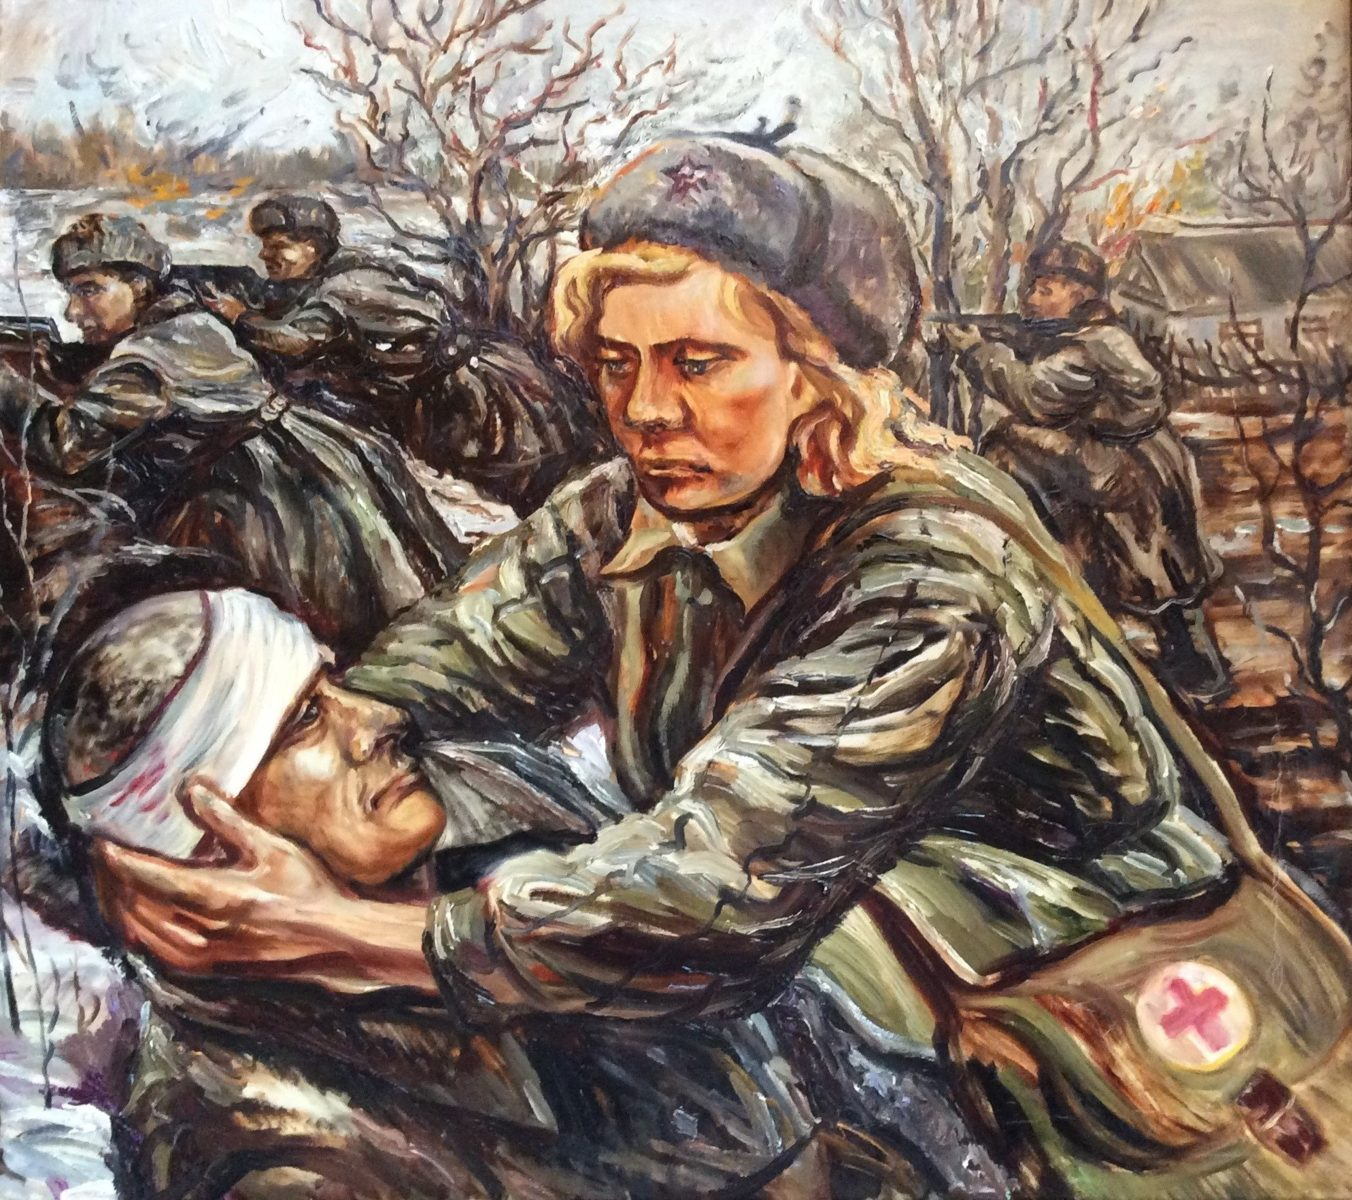 Выставка «Такая разная великая война» в Московском доме национальностей – события на сайте «Московские Сезоны»